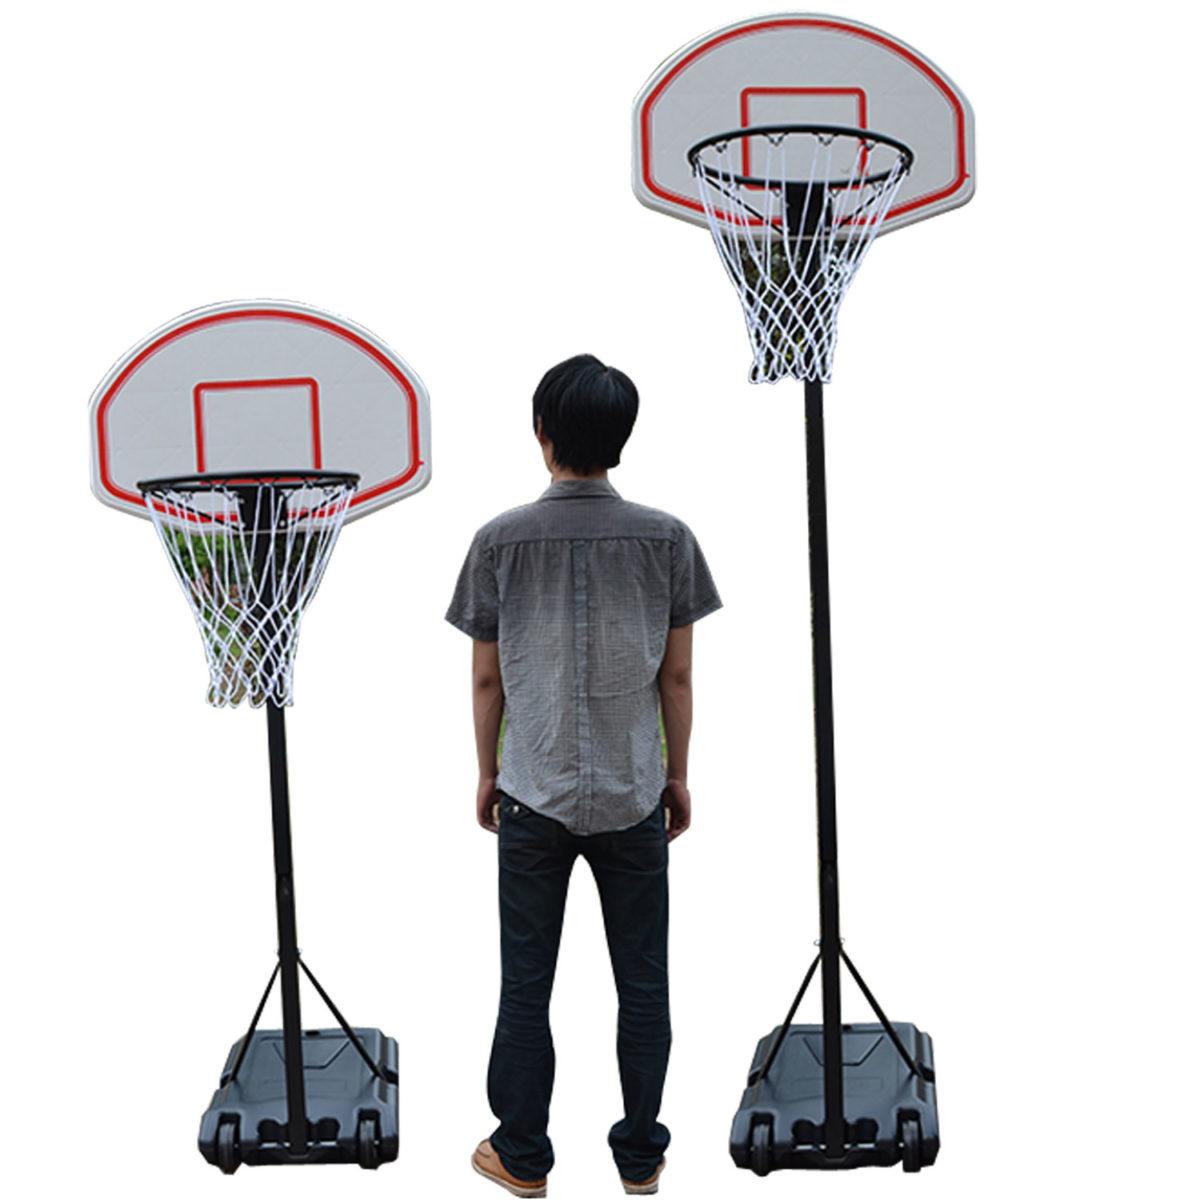 DFC Мобильная баскетбольная стойка  KIDS2 - 4